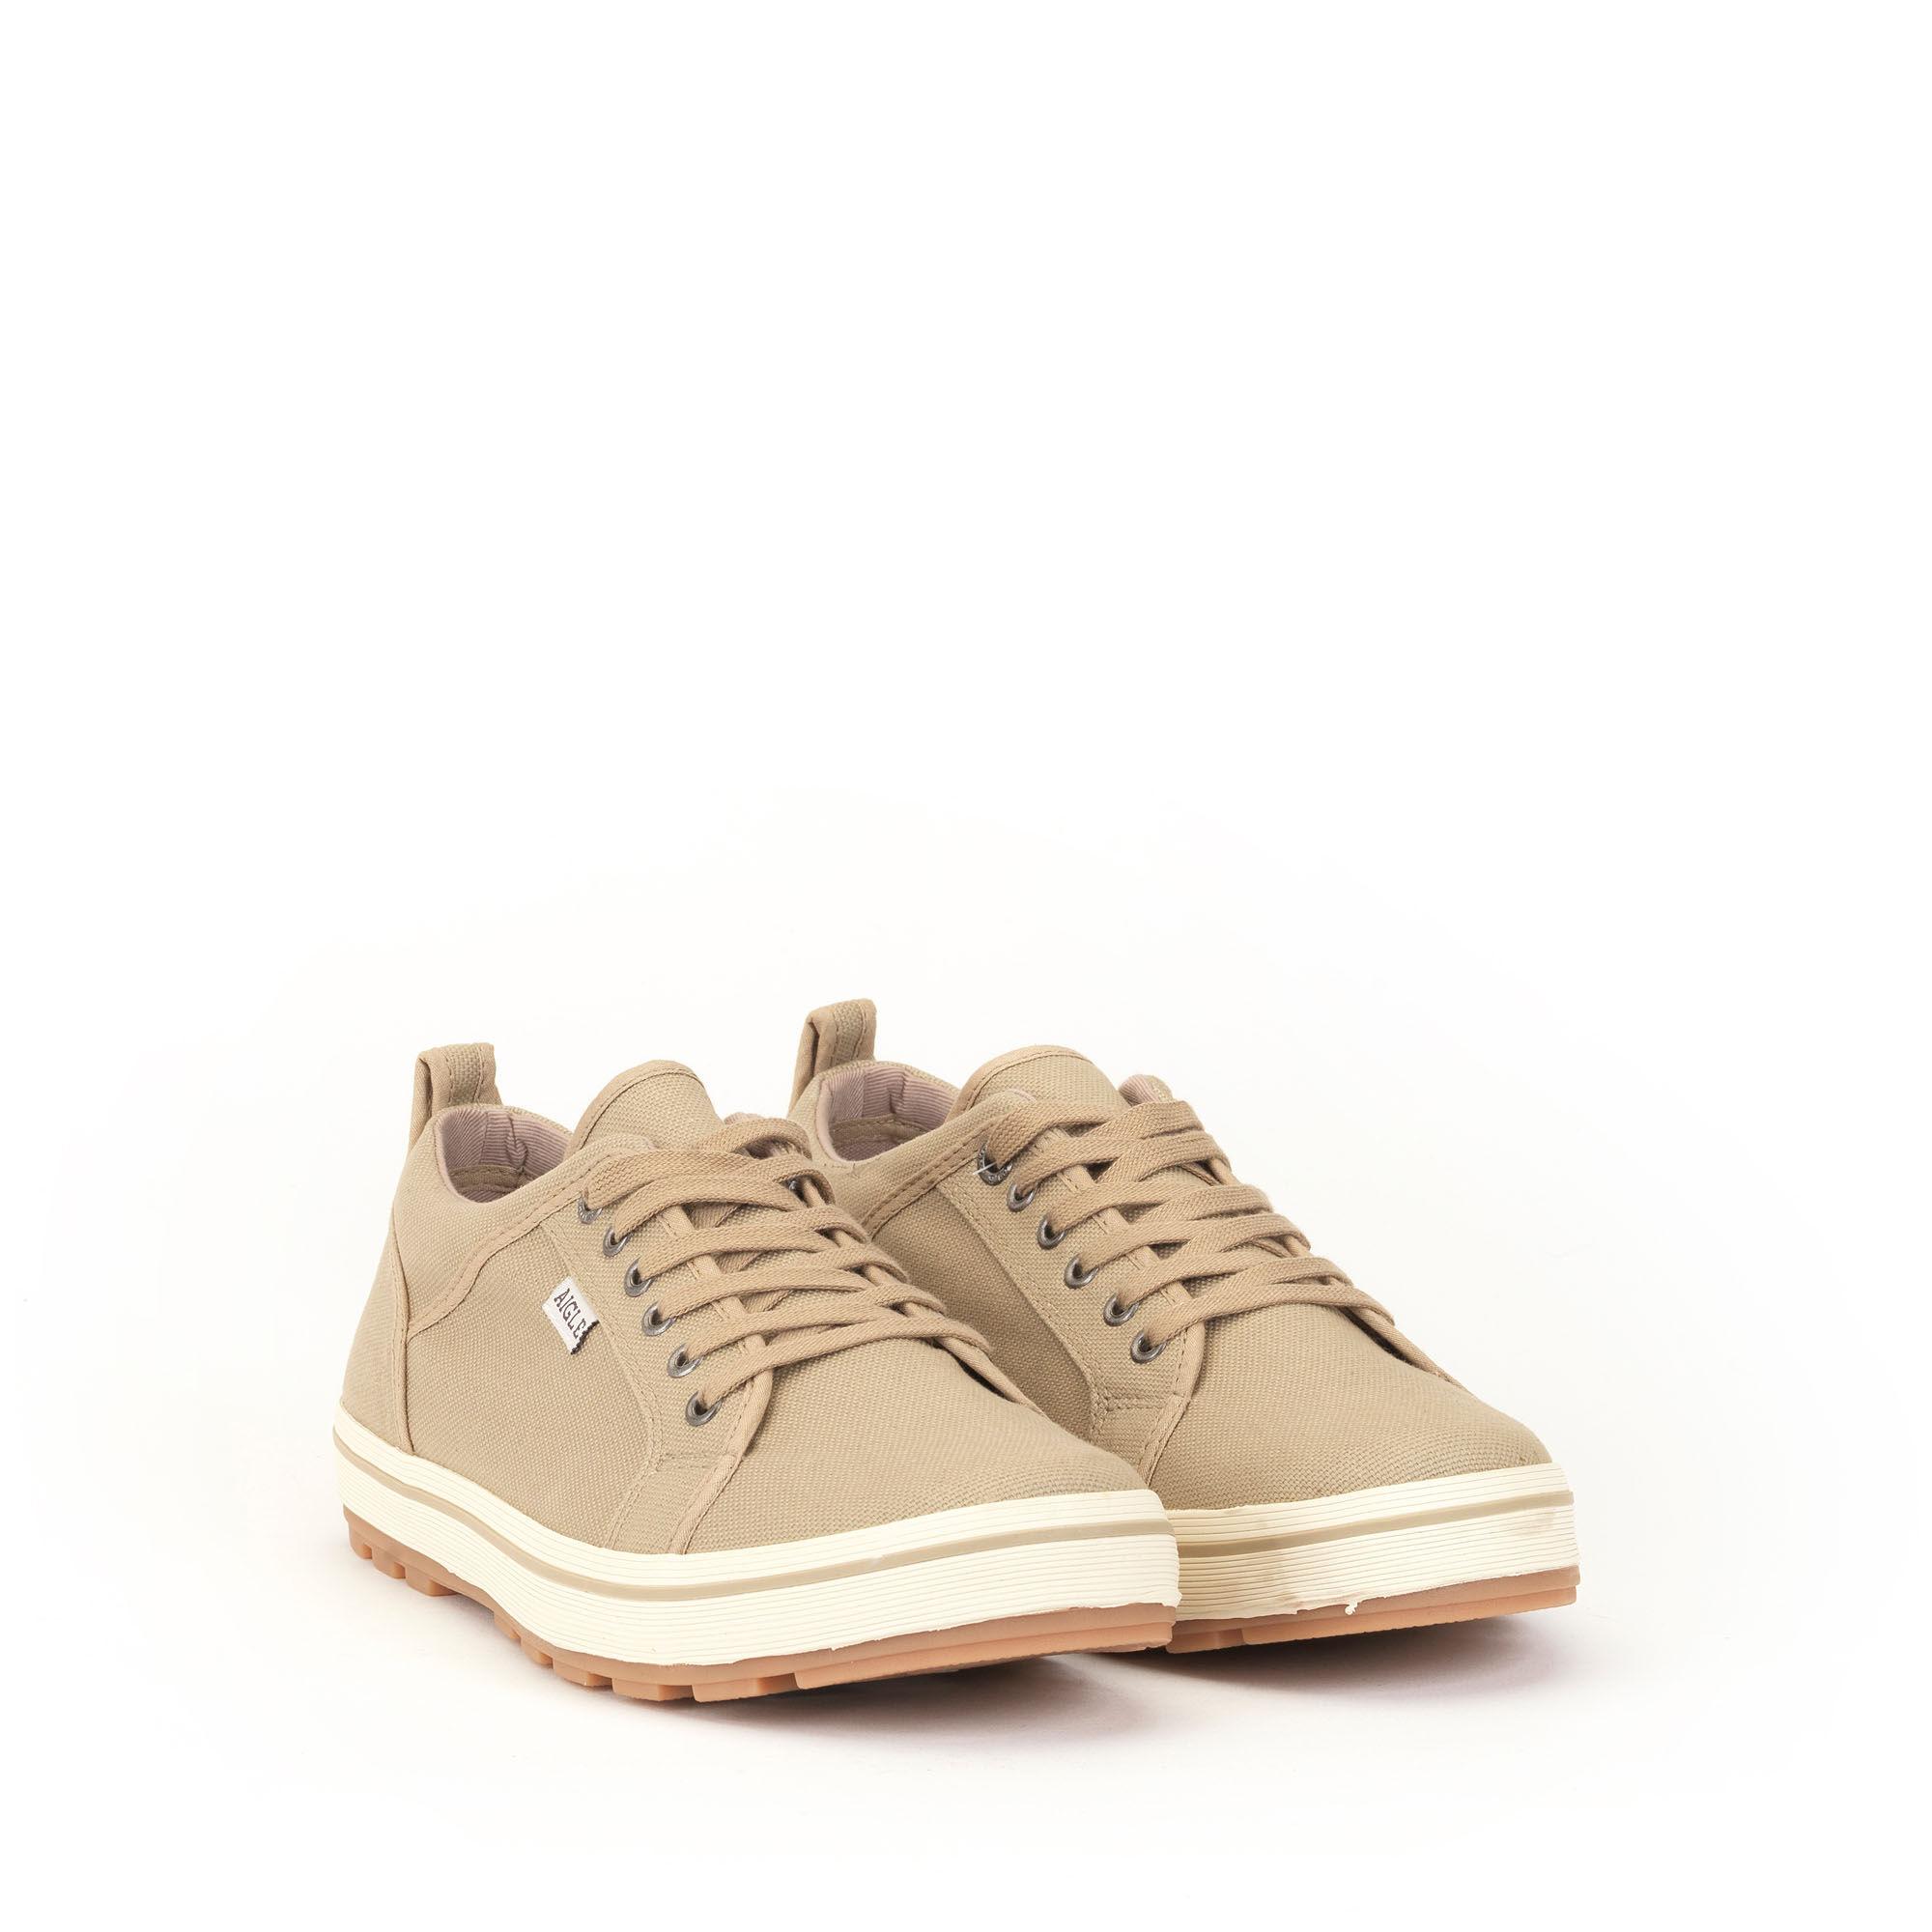 Chaussure basse en toile confortable homme